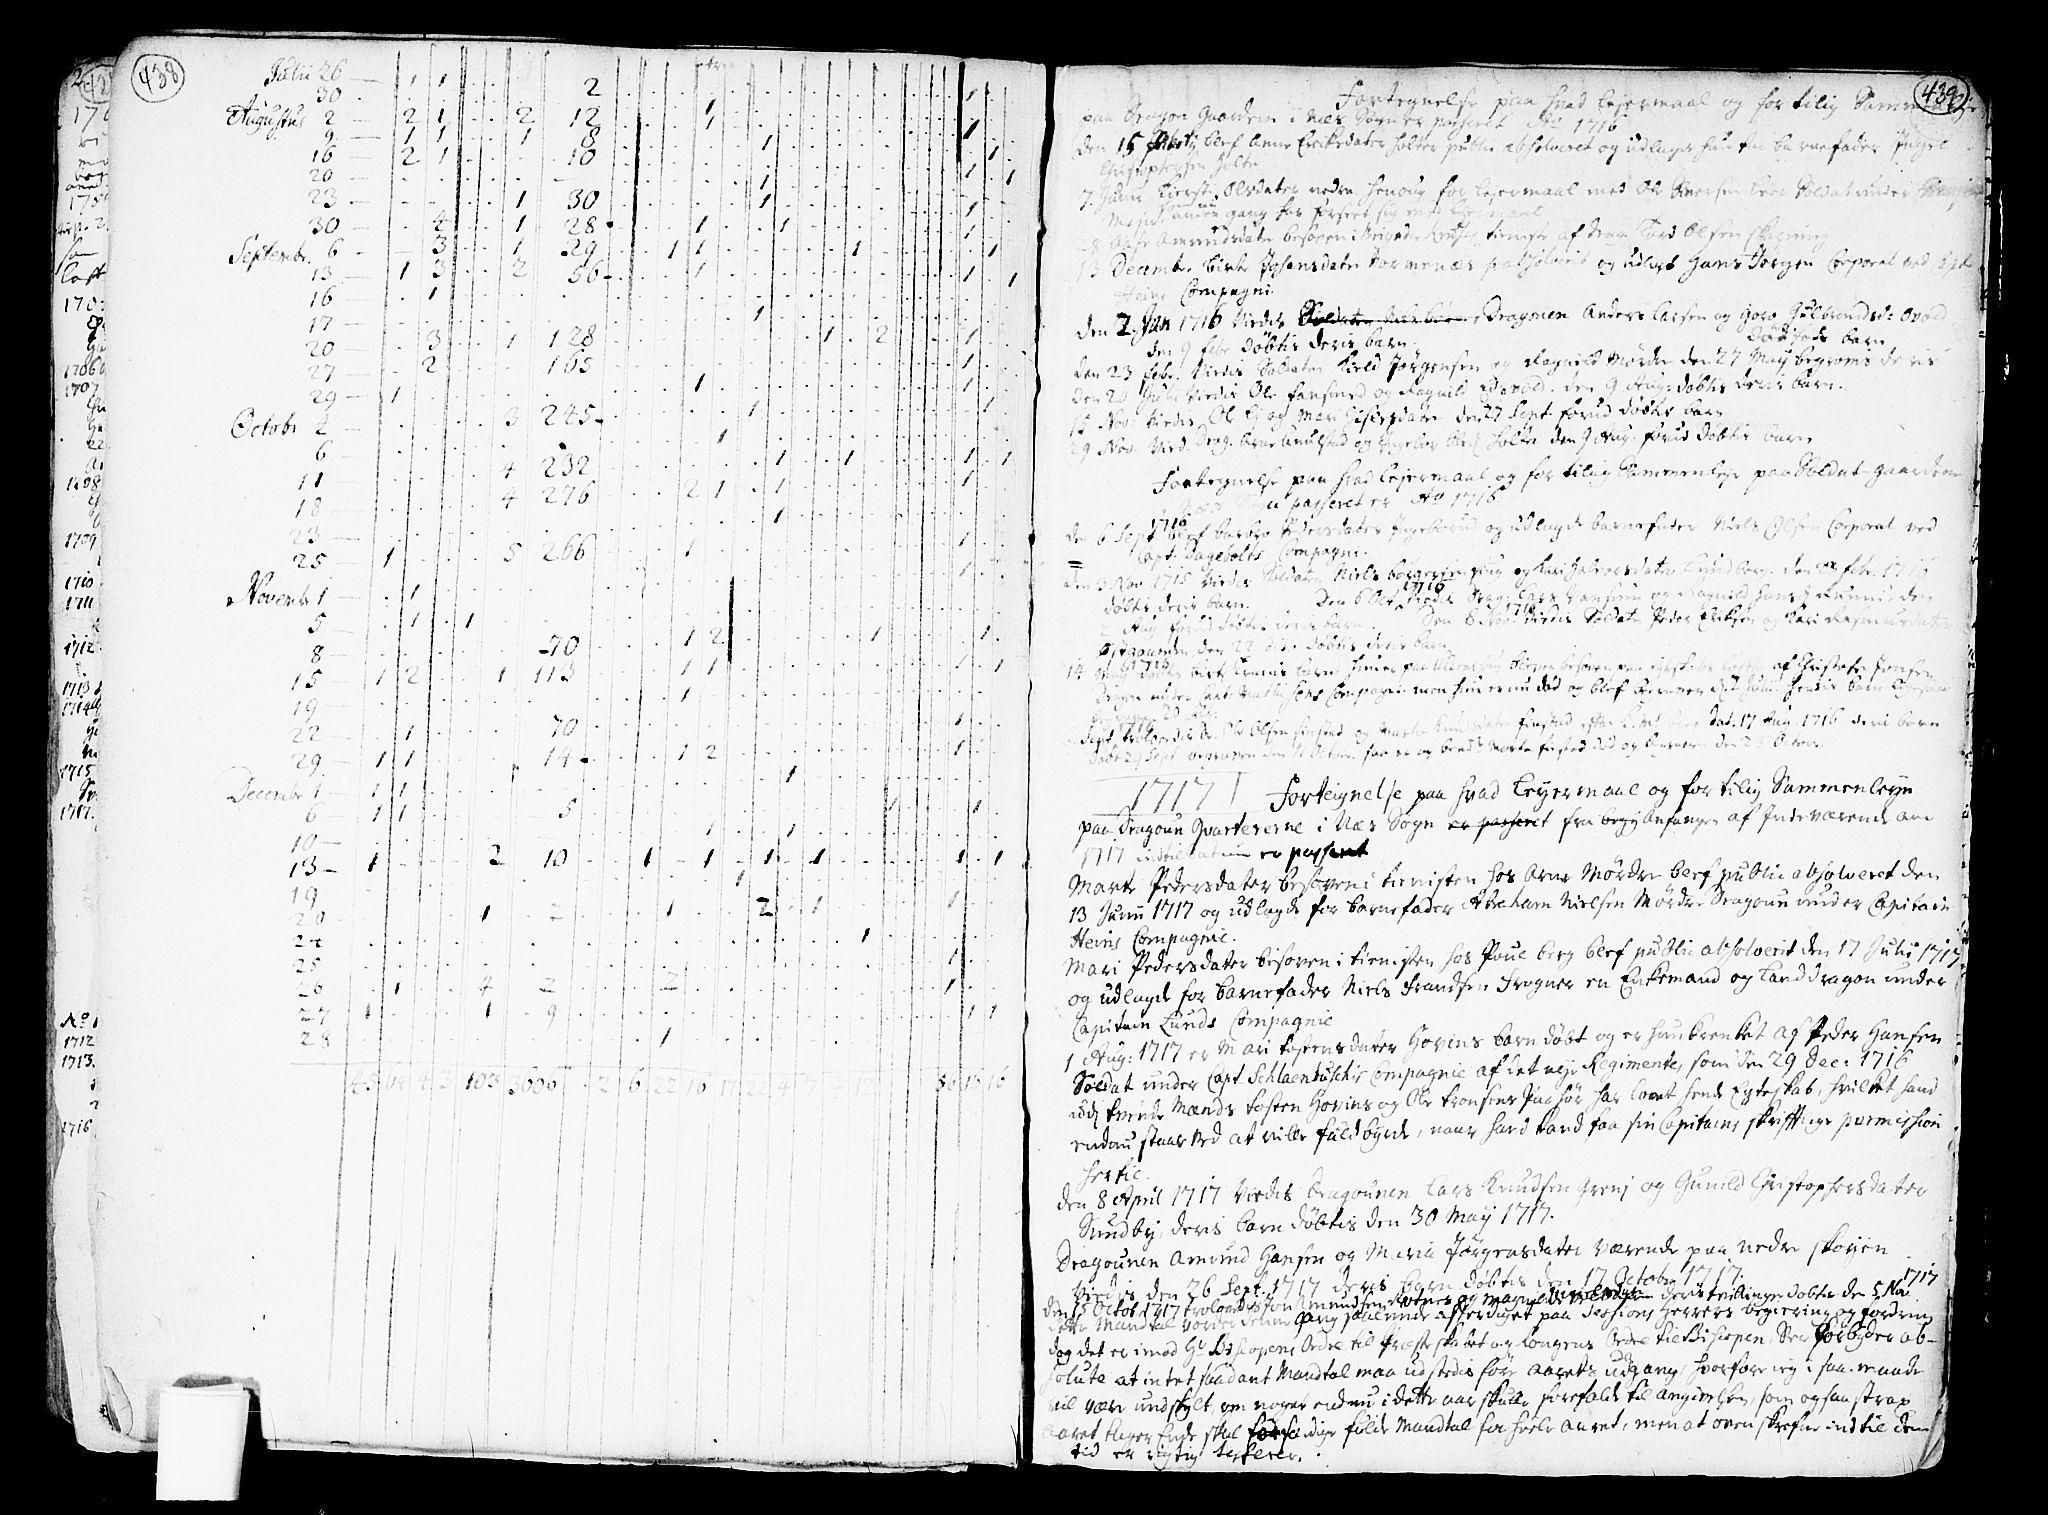 SAO, Nes prestekontor Kirkebøker, F/Fa/L0001: Ministerialbok nr. I 1, 1689-1716, s. 438